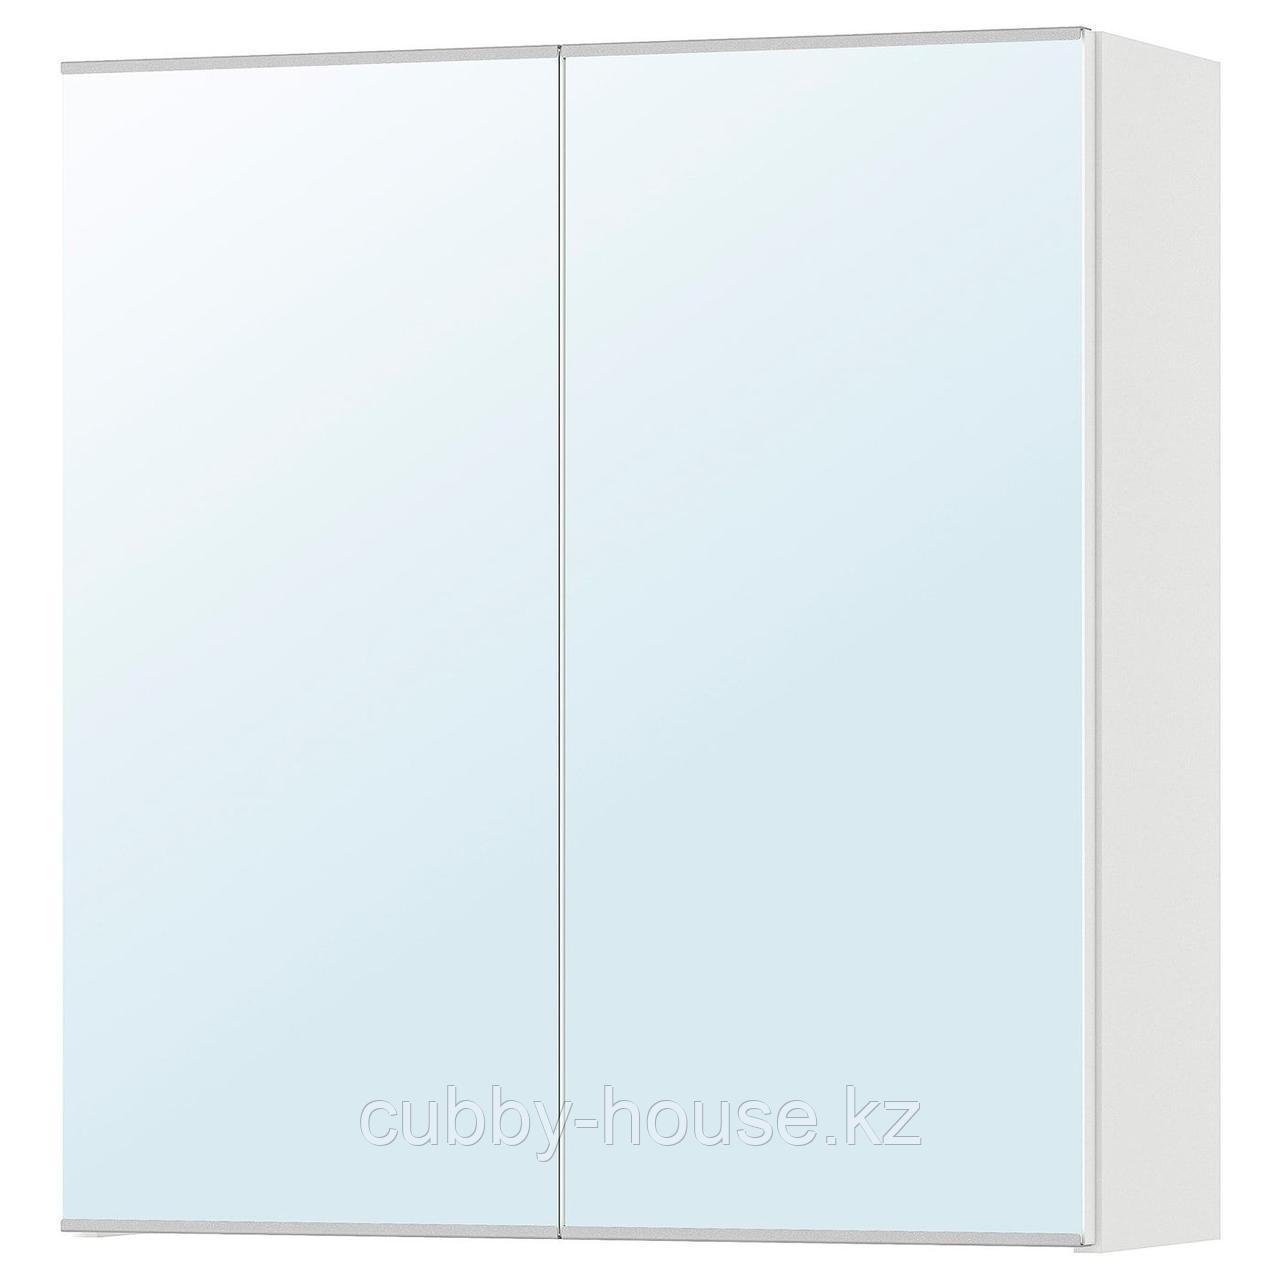 ЛИЛЛОНГЕН Зеркальный шкаф с 2 дверцами, белый, 60x21x64 см